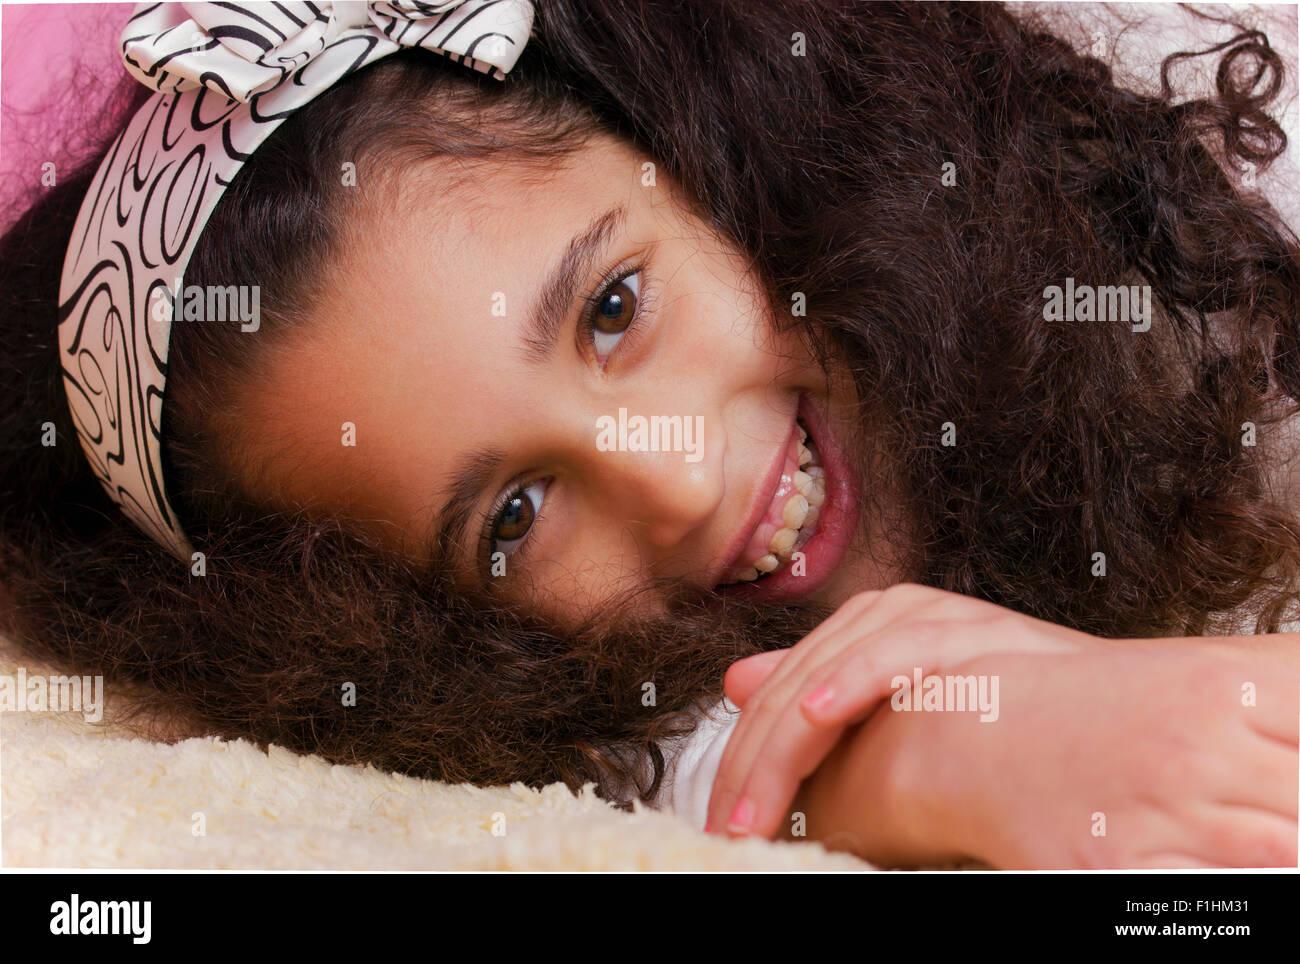 Niño sonriente morena chica swarthy acostado en la cama Imagen De Stock